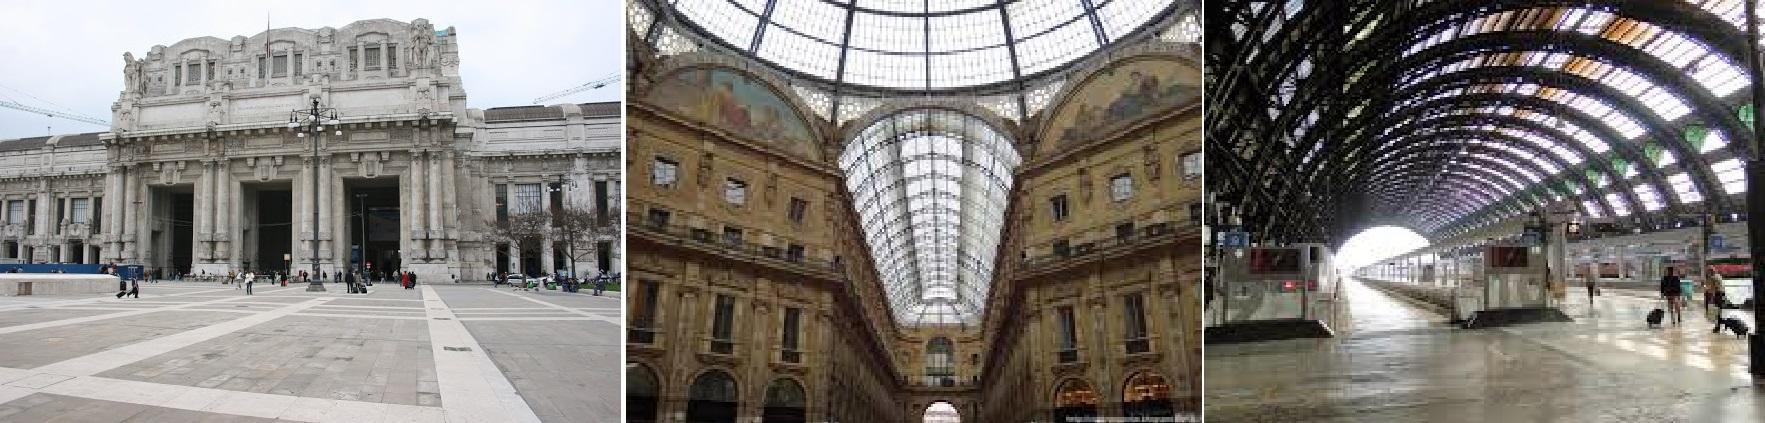 Detalhes da frente da Milano Centrale, do teto com as paredes e as plataformas de embarque